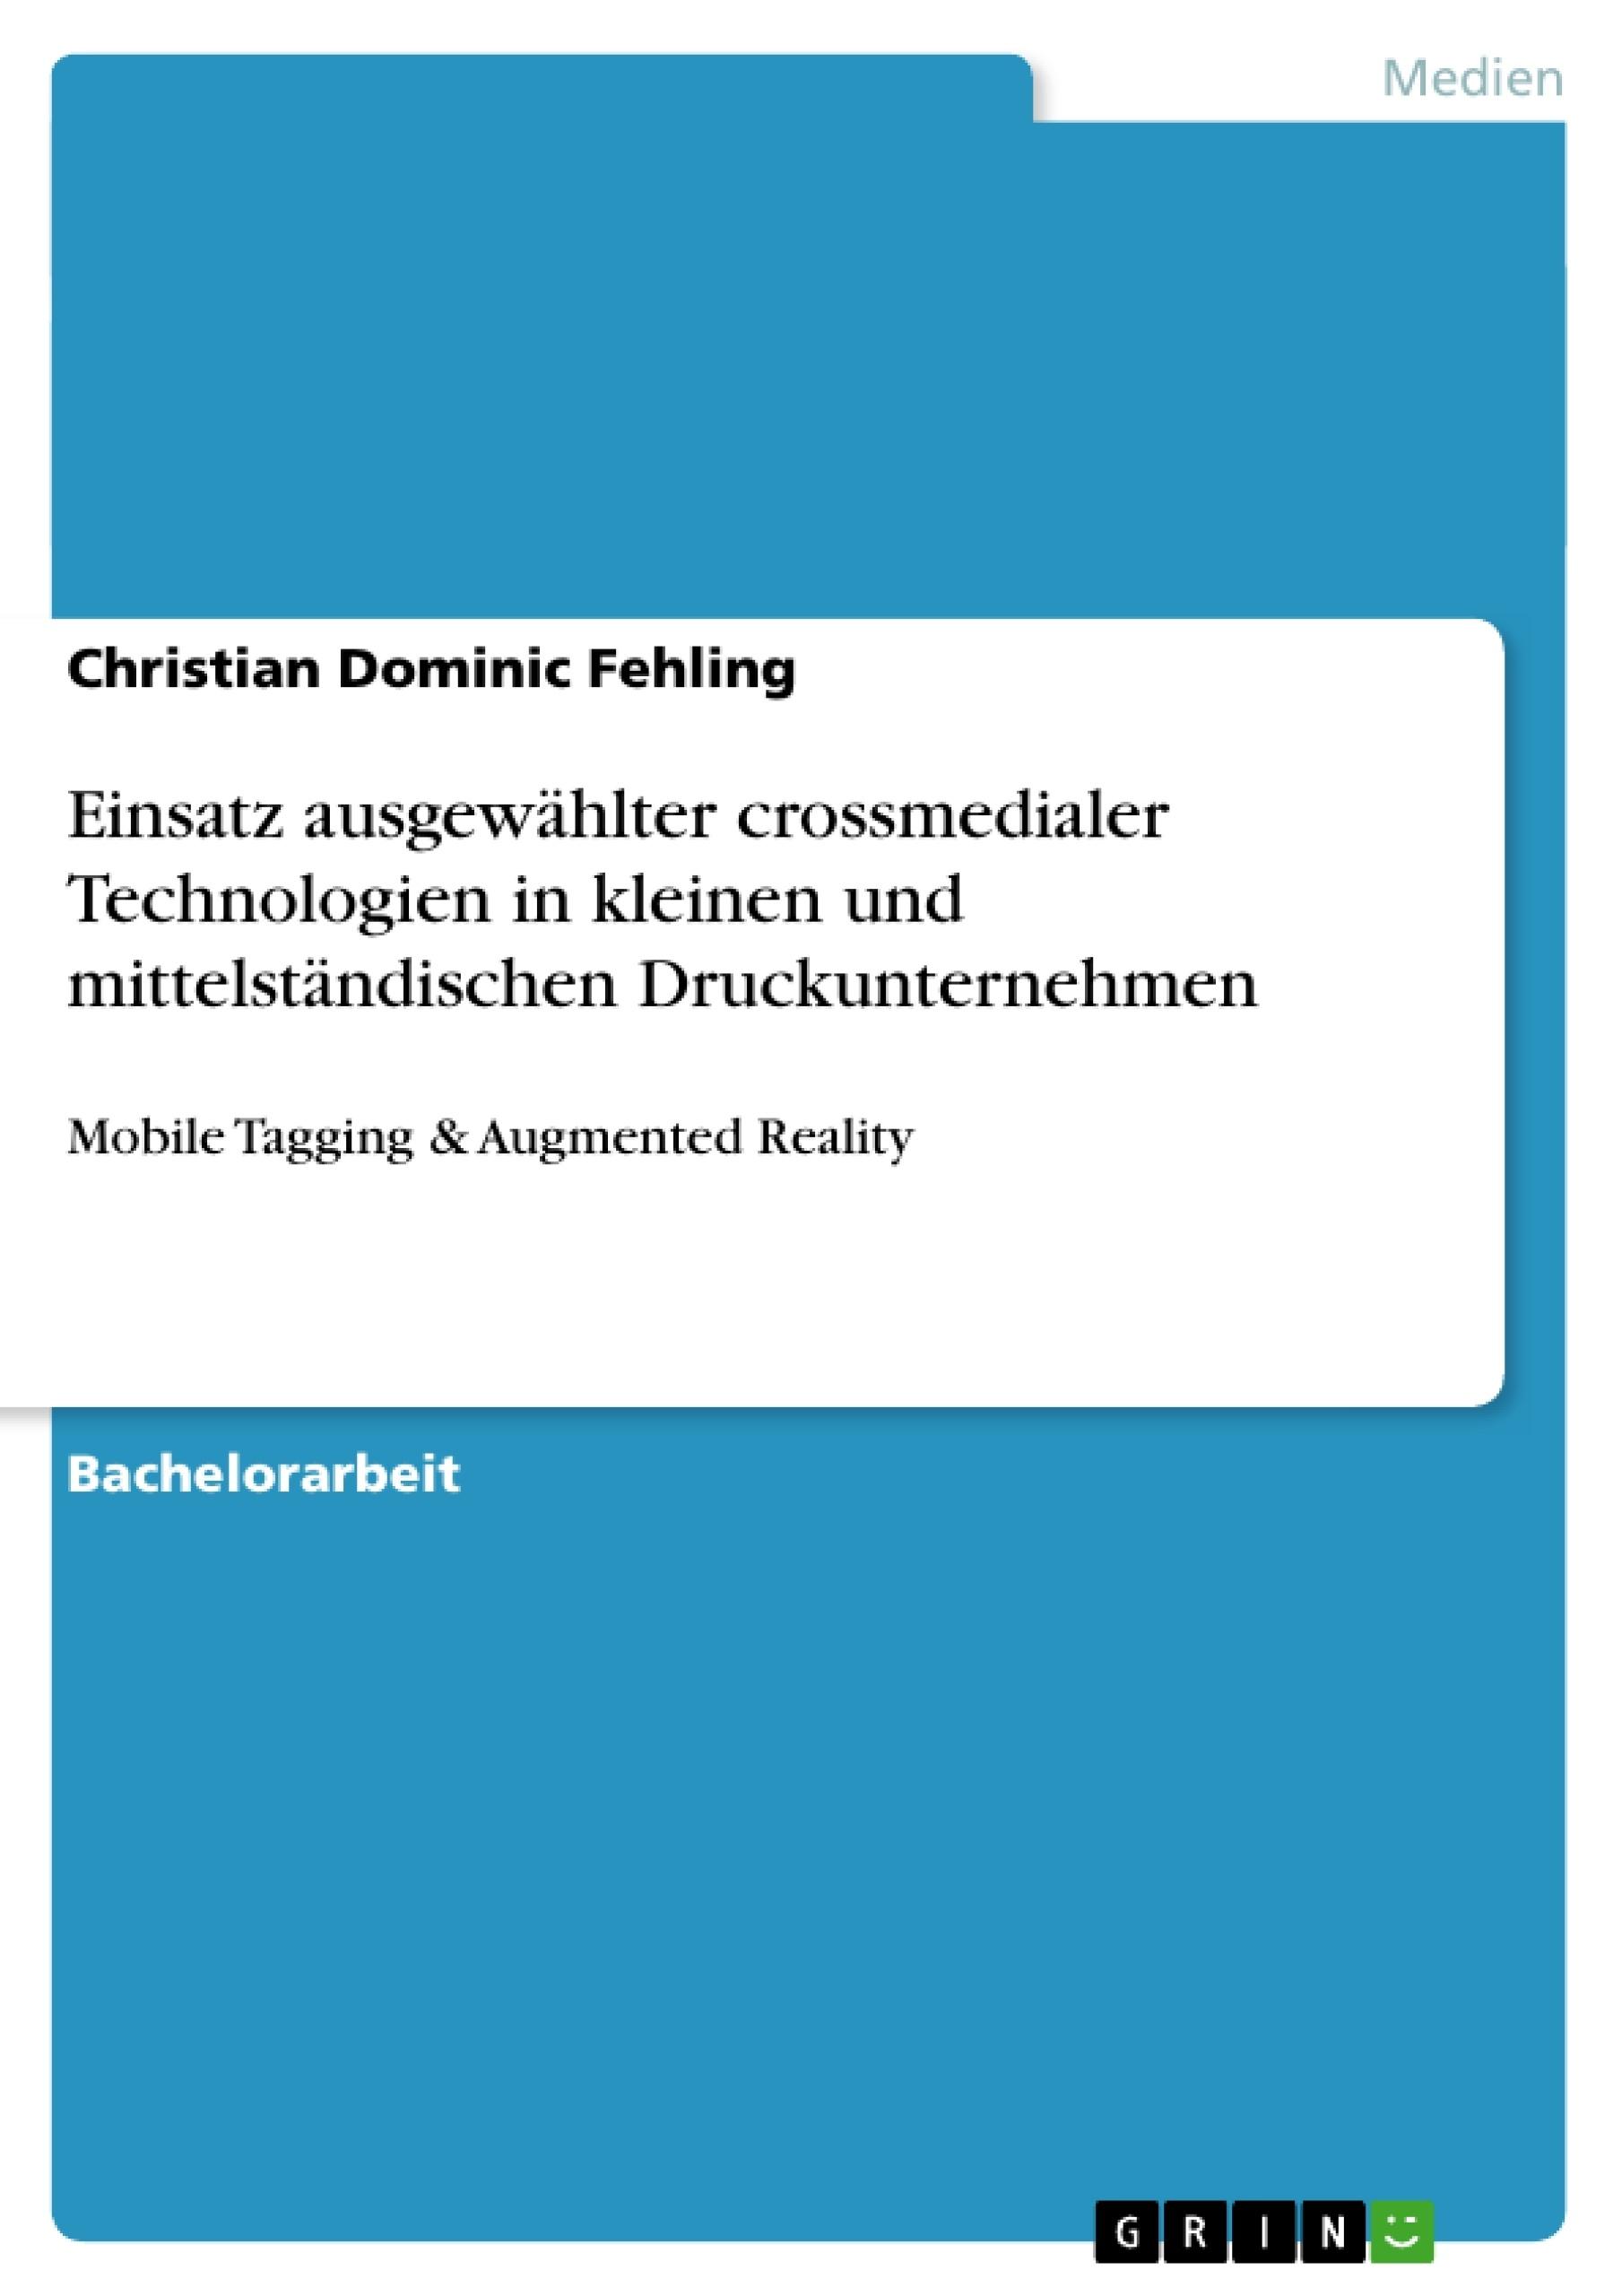 Titel: Einsatz ausgewählter crossmedialer Technologien in kleinen und mittelständischen Druckunternehmen